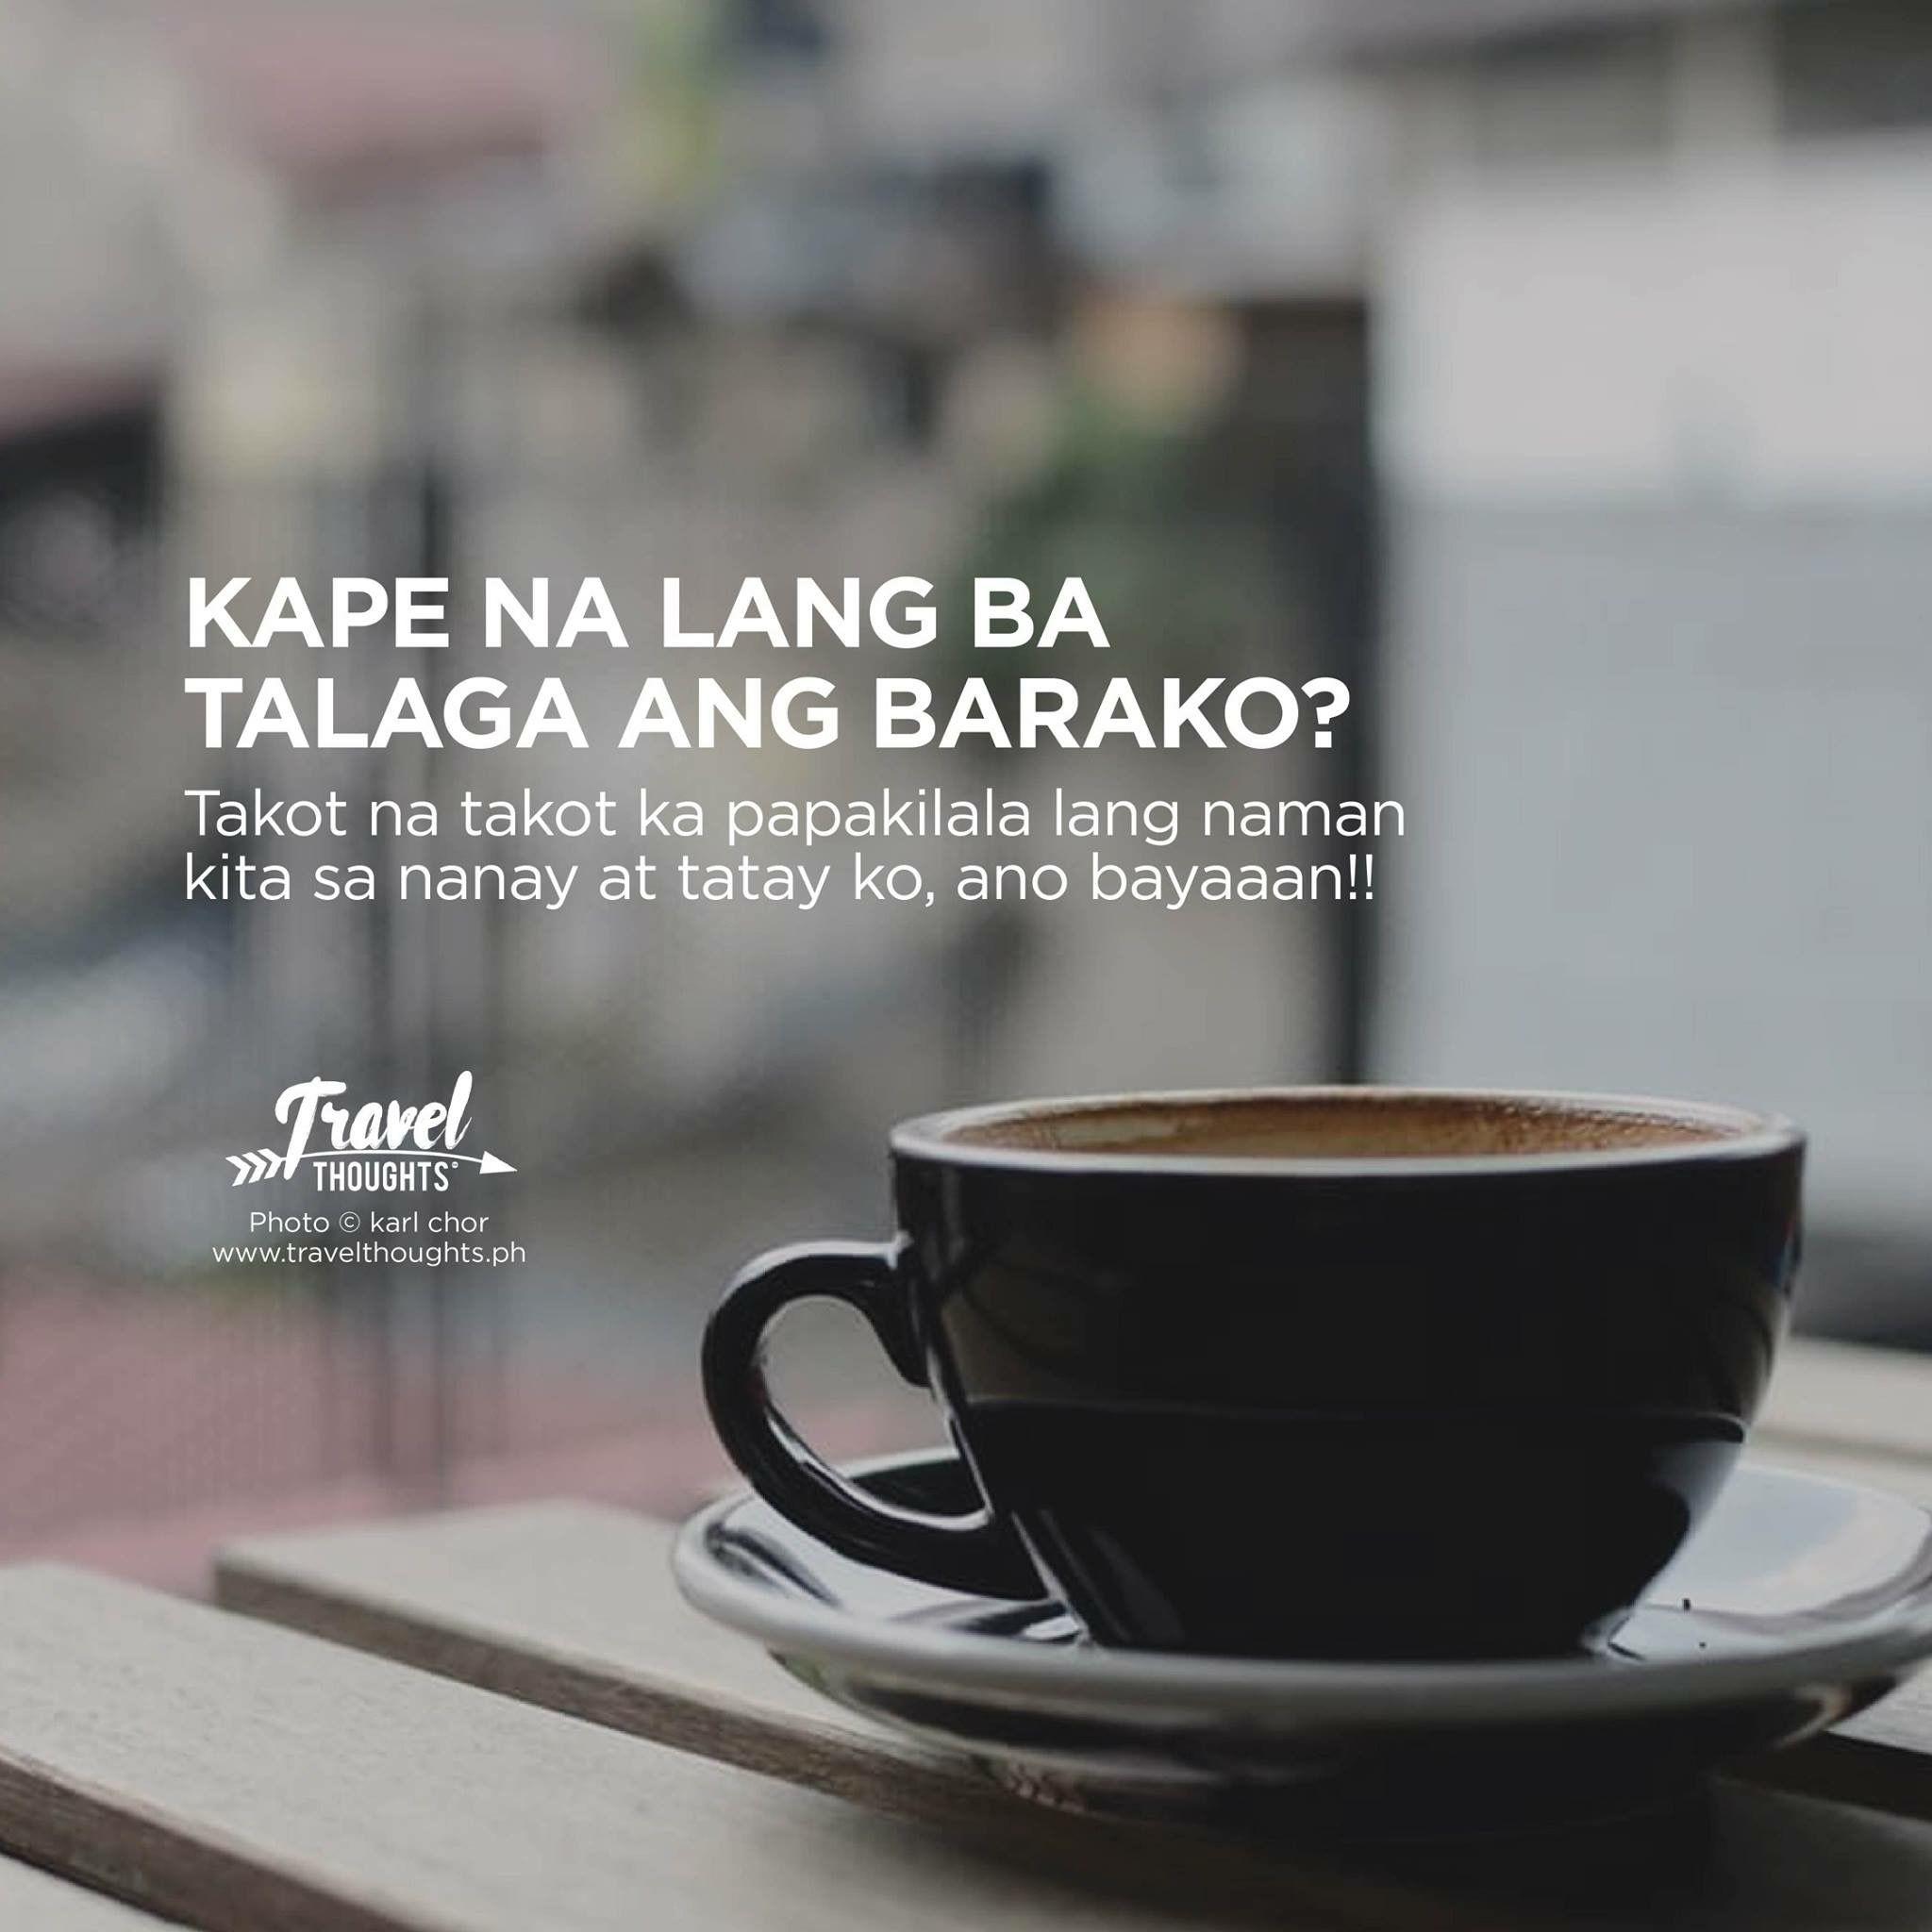 Pin By Marlon On Hahaha Hugot Lines Tagalog Pinoy Quotes Tagalog Quotes